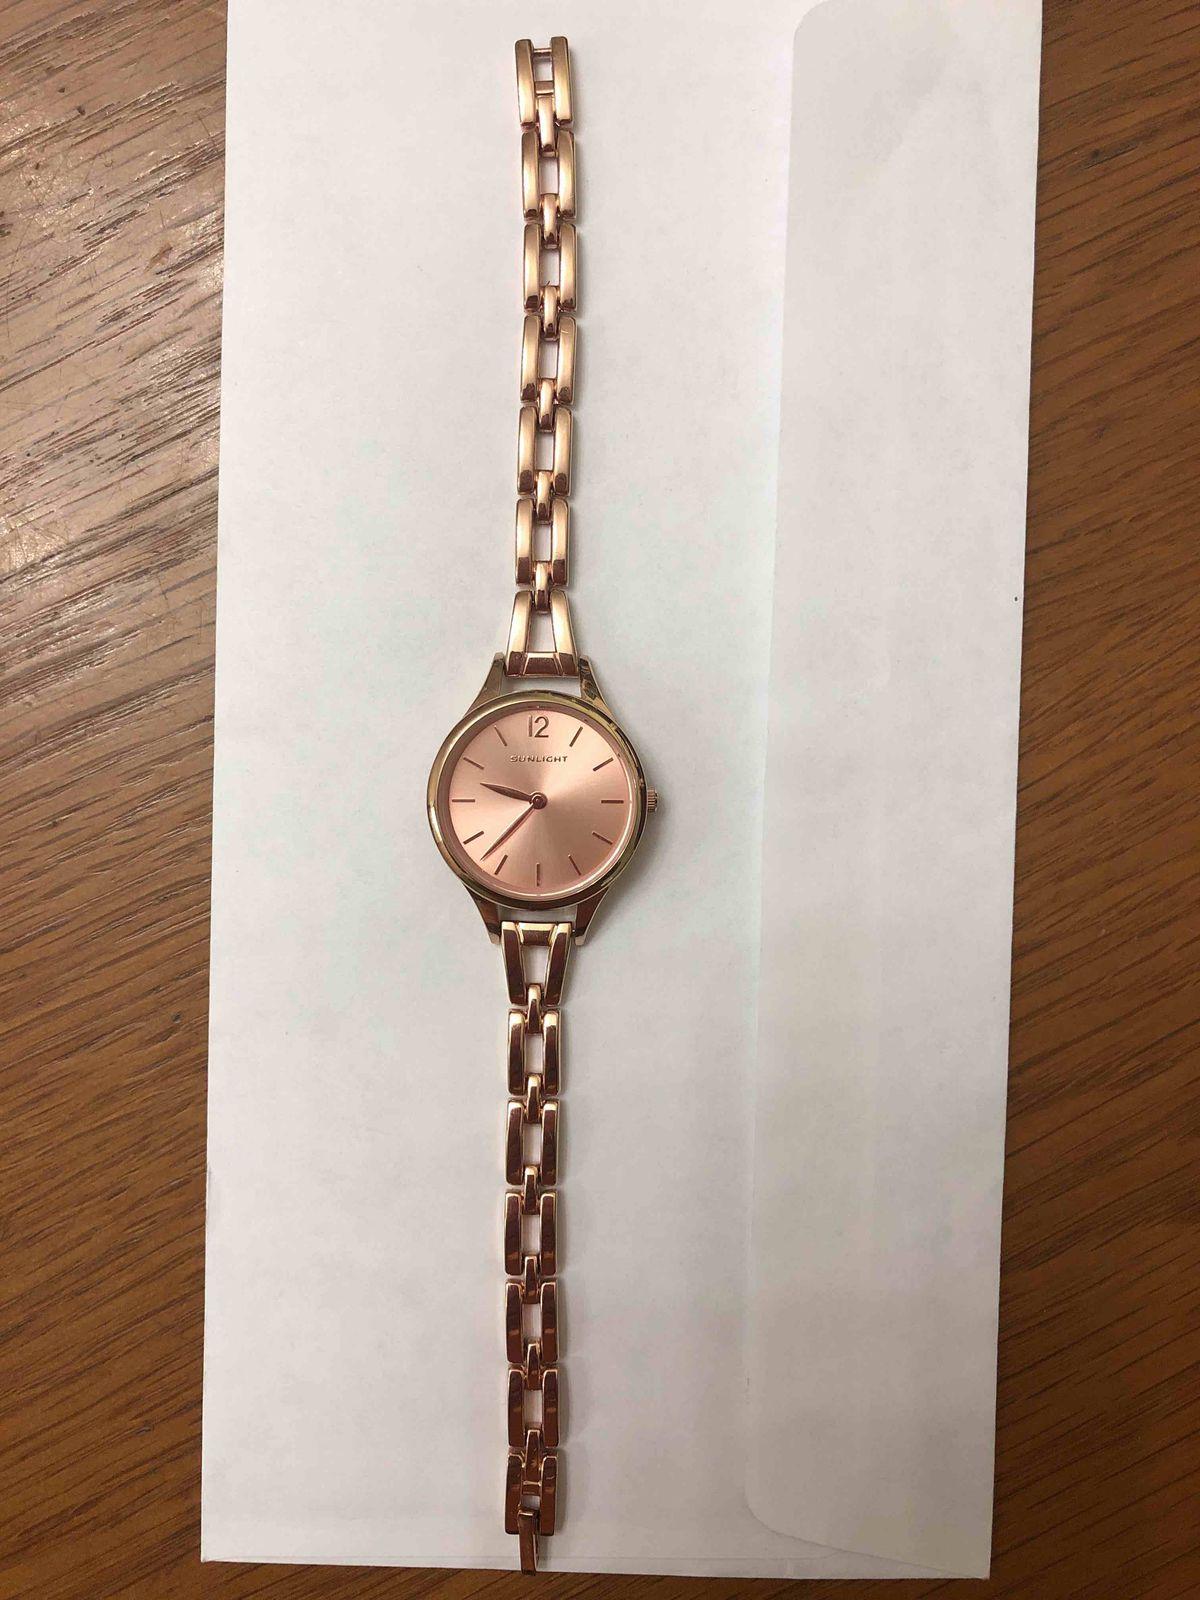 Часы классные, смотрятся великолепно, очень удобные и смотрятся как дорогие